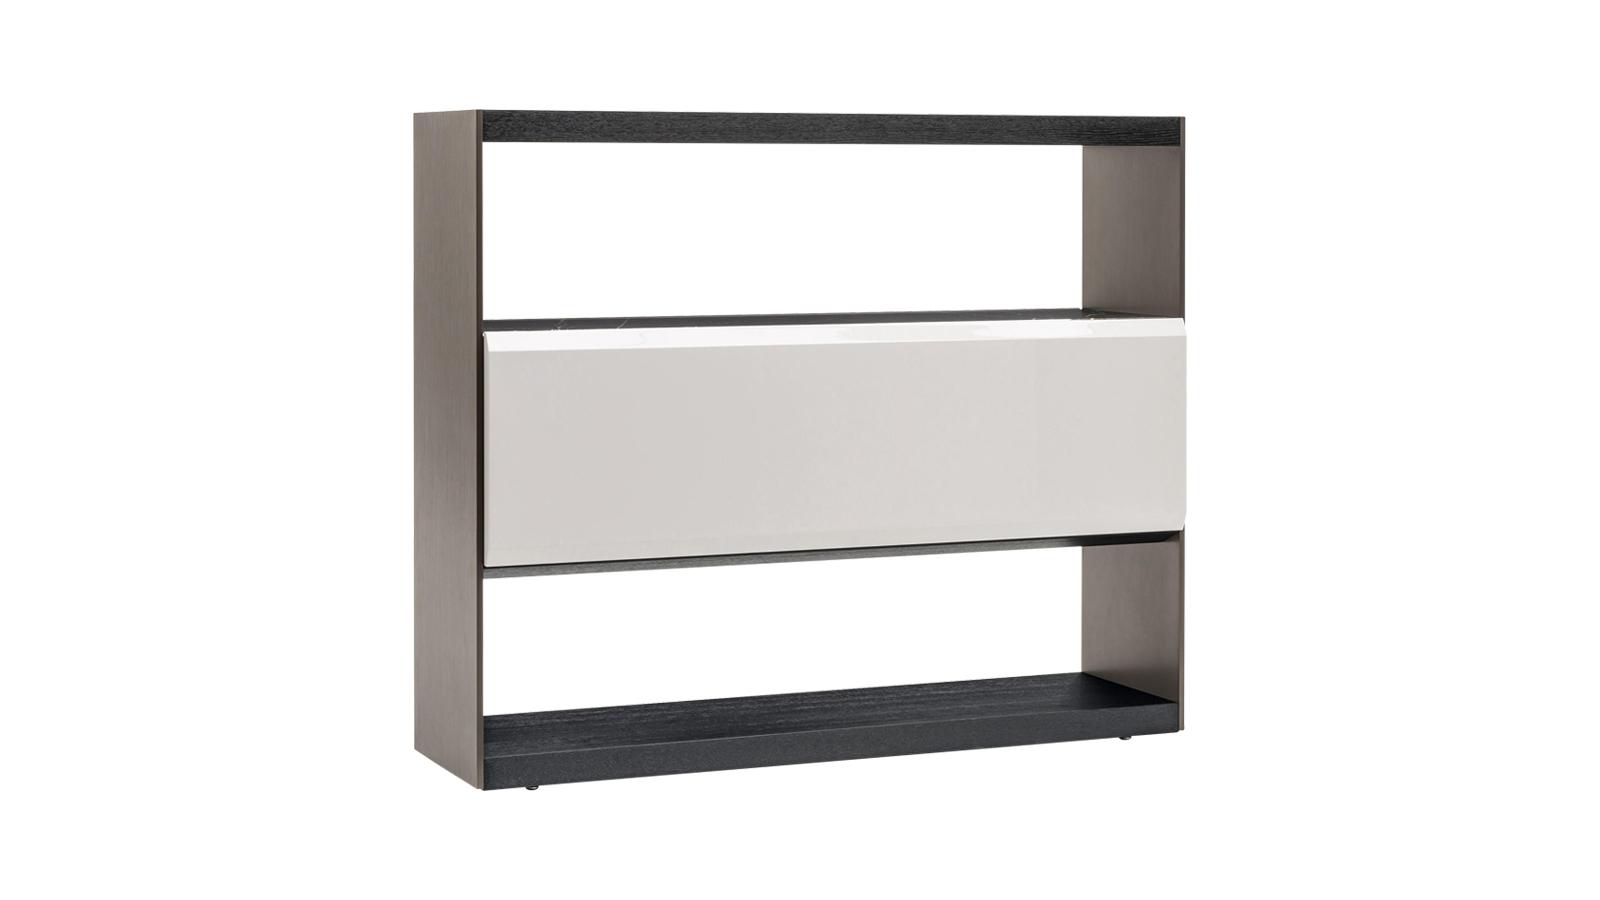 A Carson polcok modern, minimalista designját a luxus alpanyagok teszik felejthetetlenné. A végeredmény egy nemcsak vizuálisan, hanem taktilisen is lenyűgöző bútor. A Carsont minden részletében hibátlan kialakítás jellemzi, így térelválasztóként is megállja a helyét. Keresse több szín- és anyagváltozatban is a CODE Showroom kínálatában!